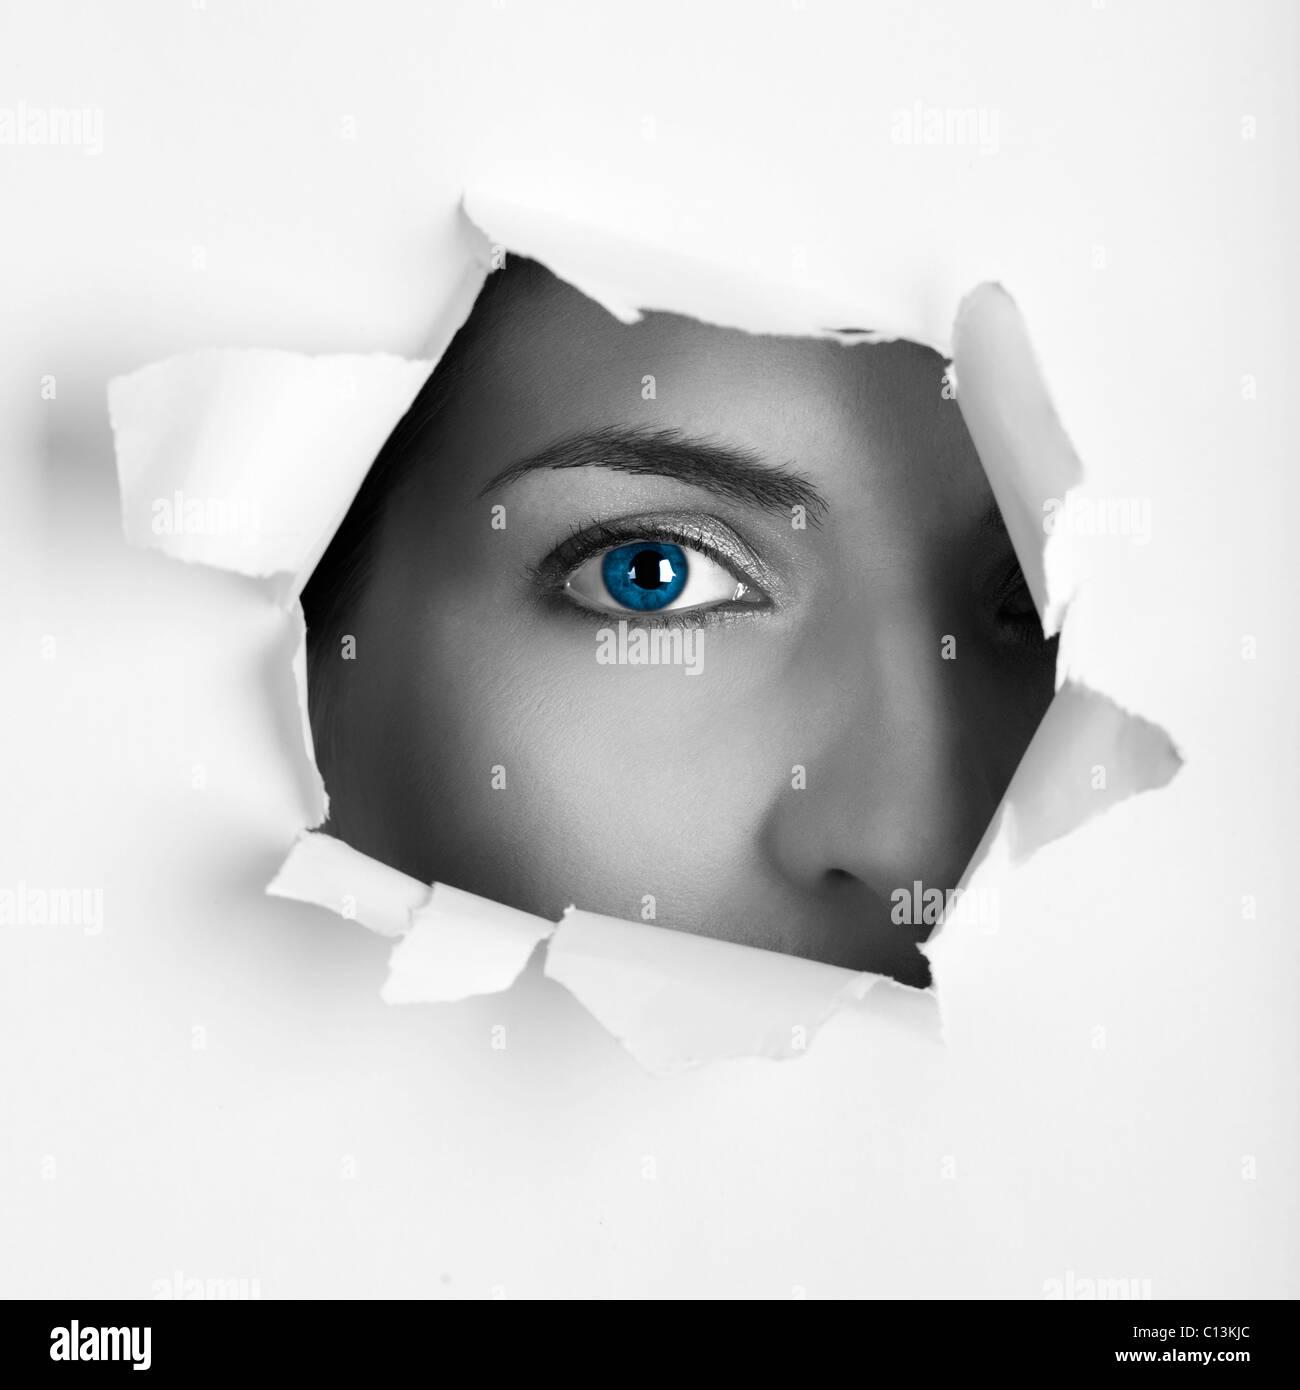 Bellissima femmina blue eye guardando attraverso un foro su un foglio di carta Immagini Stock